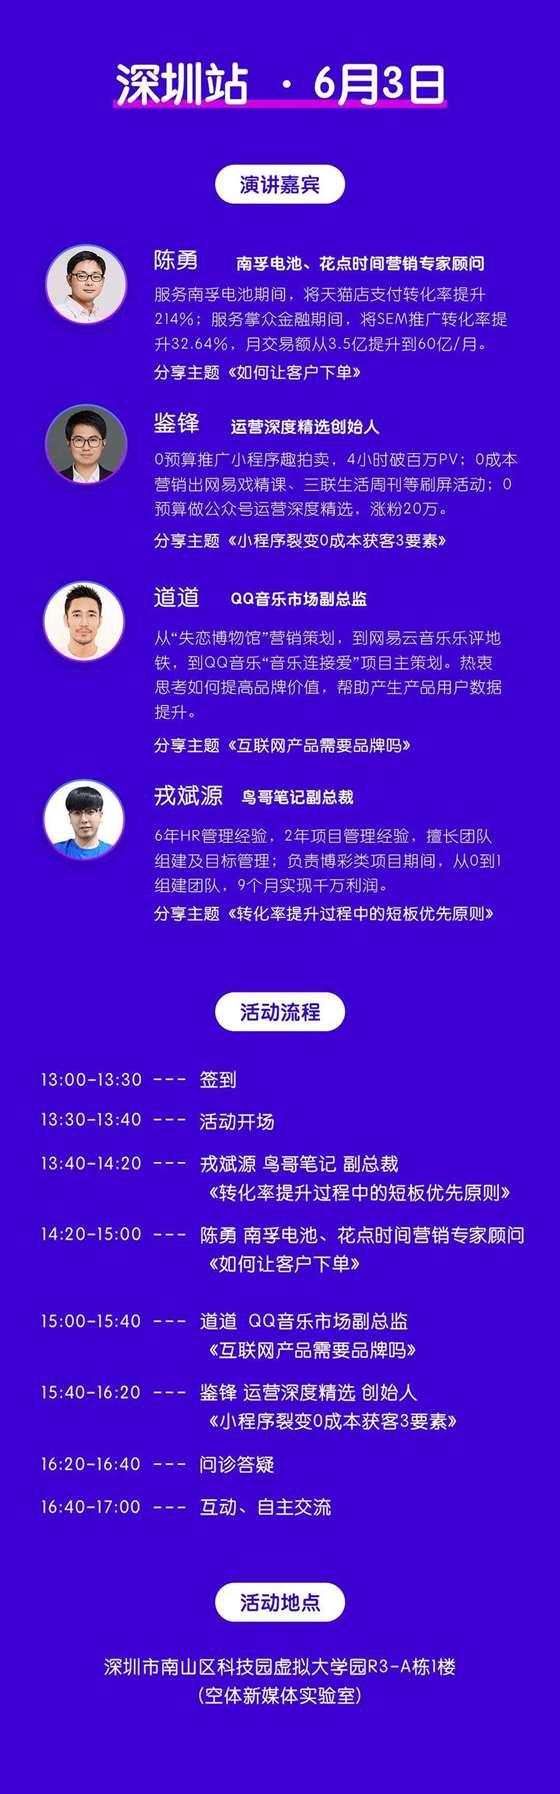 2018年Q2活动物料需求-深圳站.png